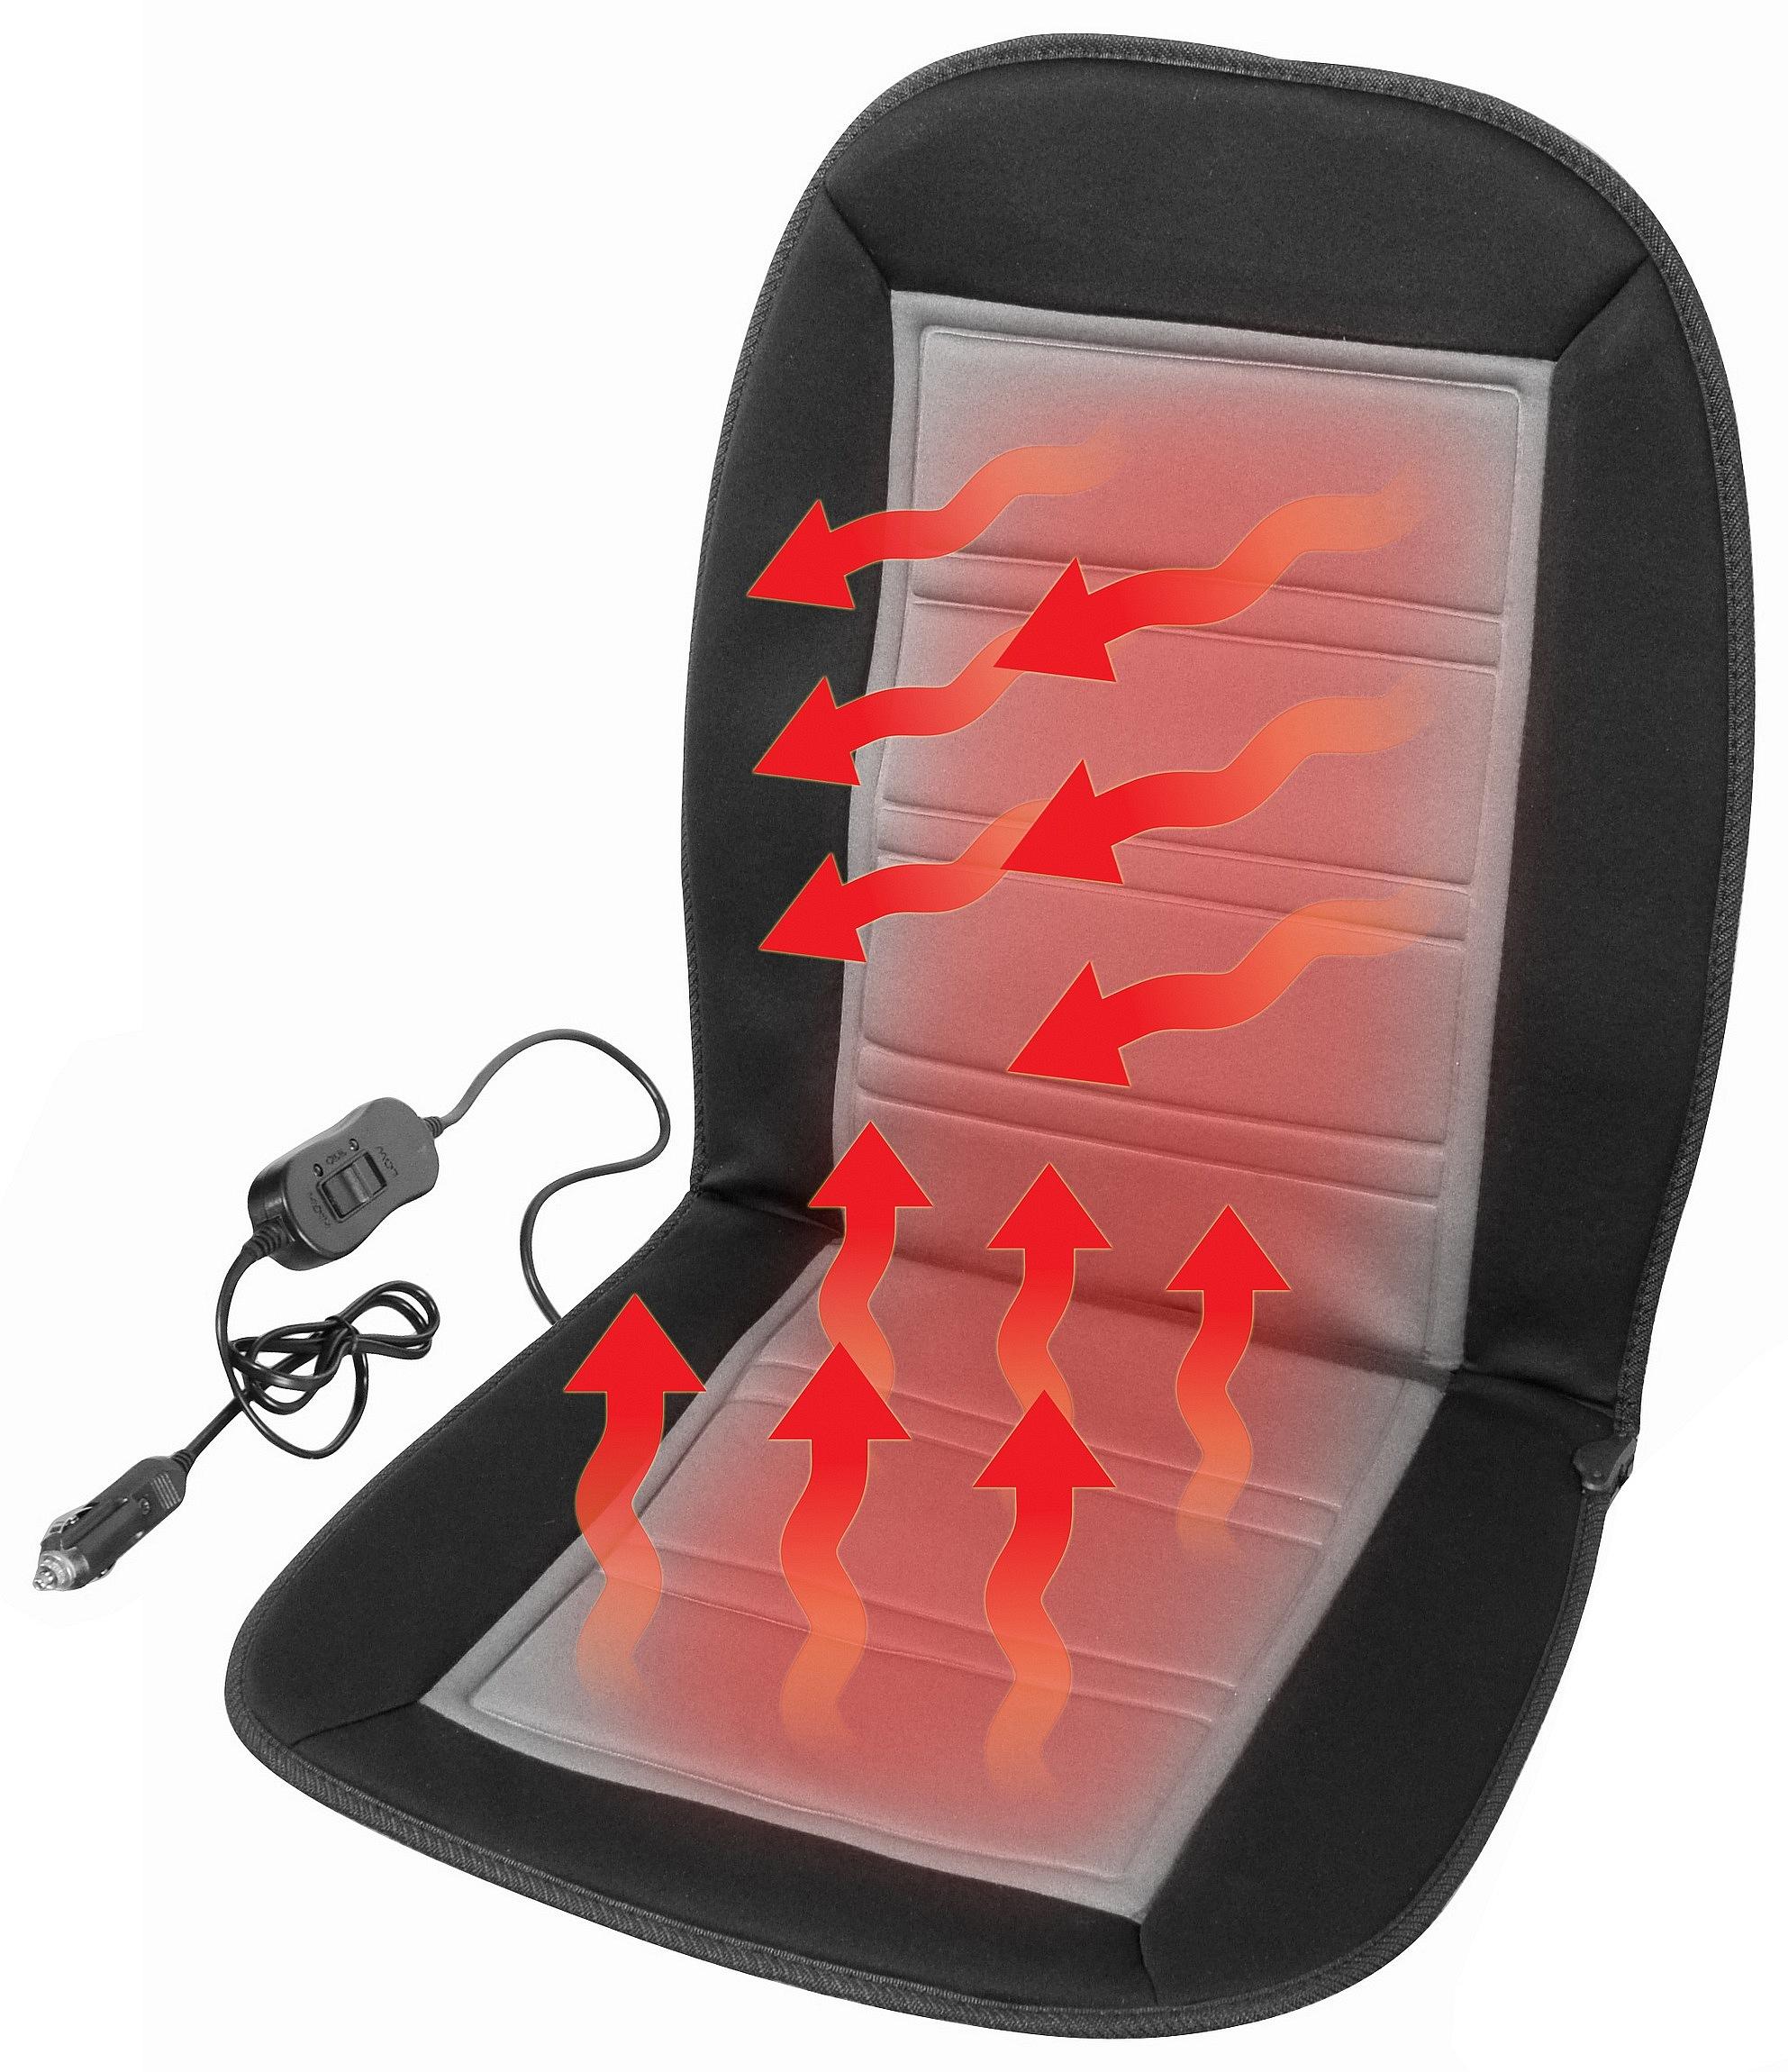 Potah sedadla vyhřívaný s termostatem 12V LADDER šedý